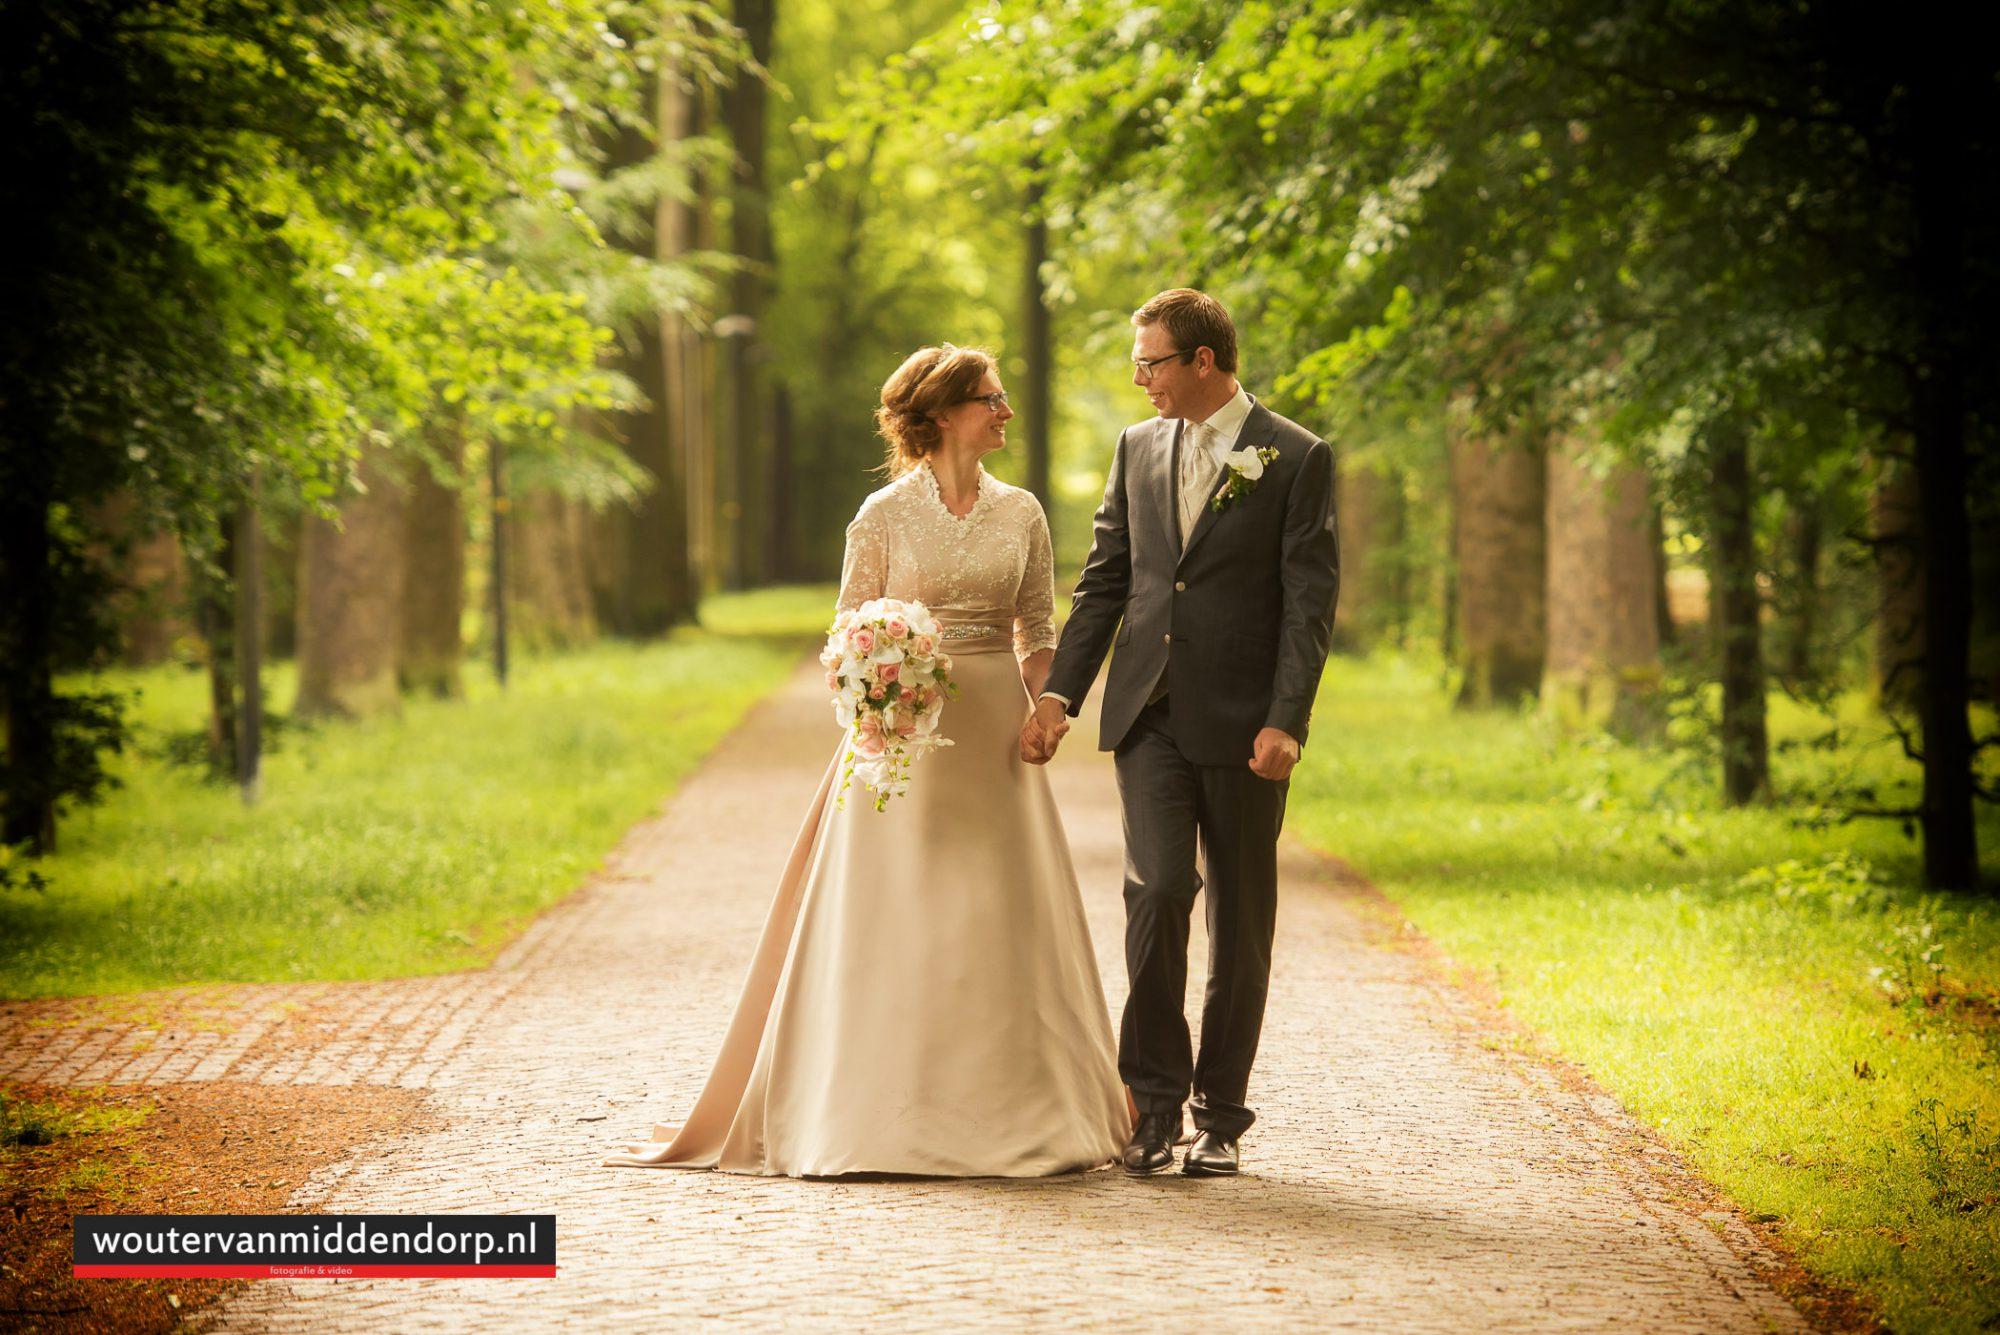 bruidsfotografie-wouter-van-middendorp-veenendaal-uddel-23